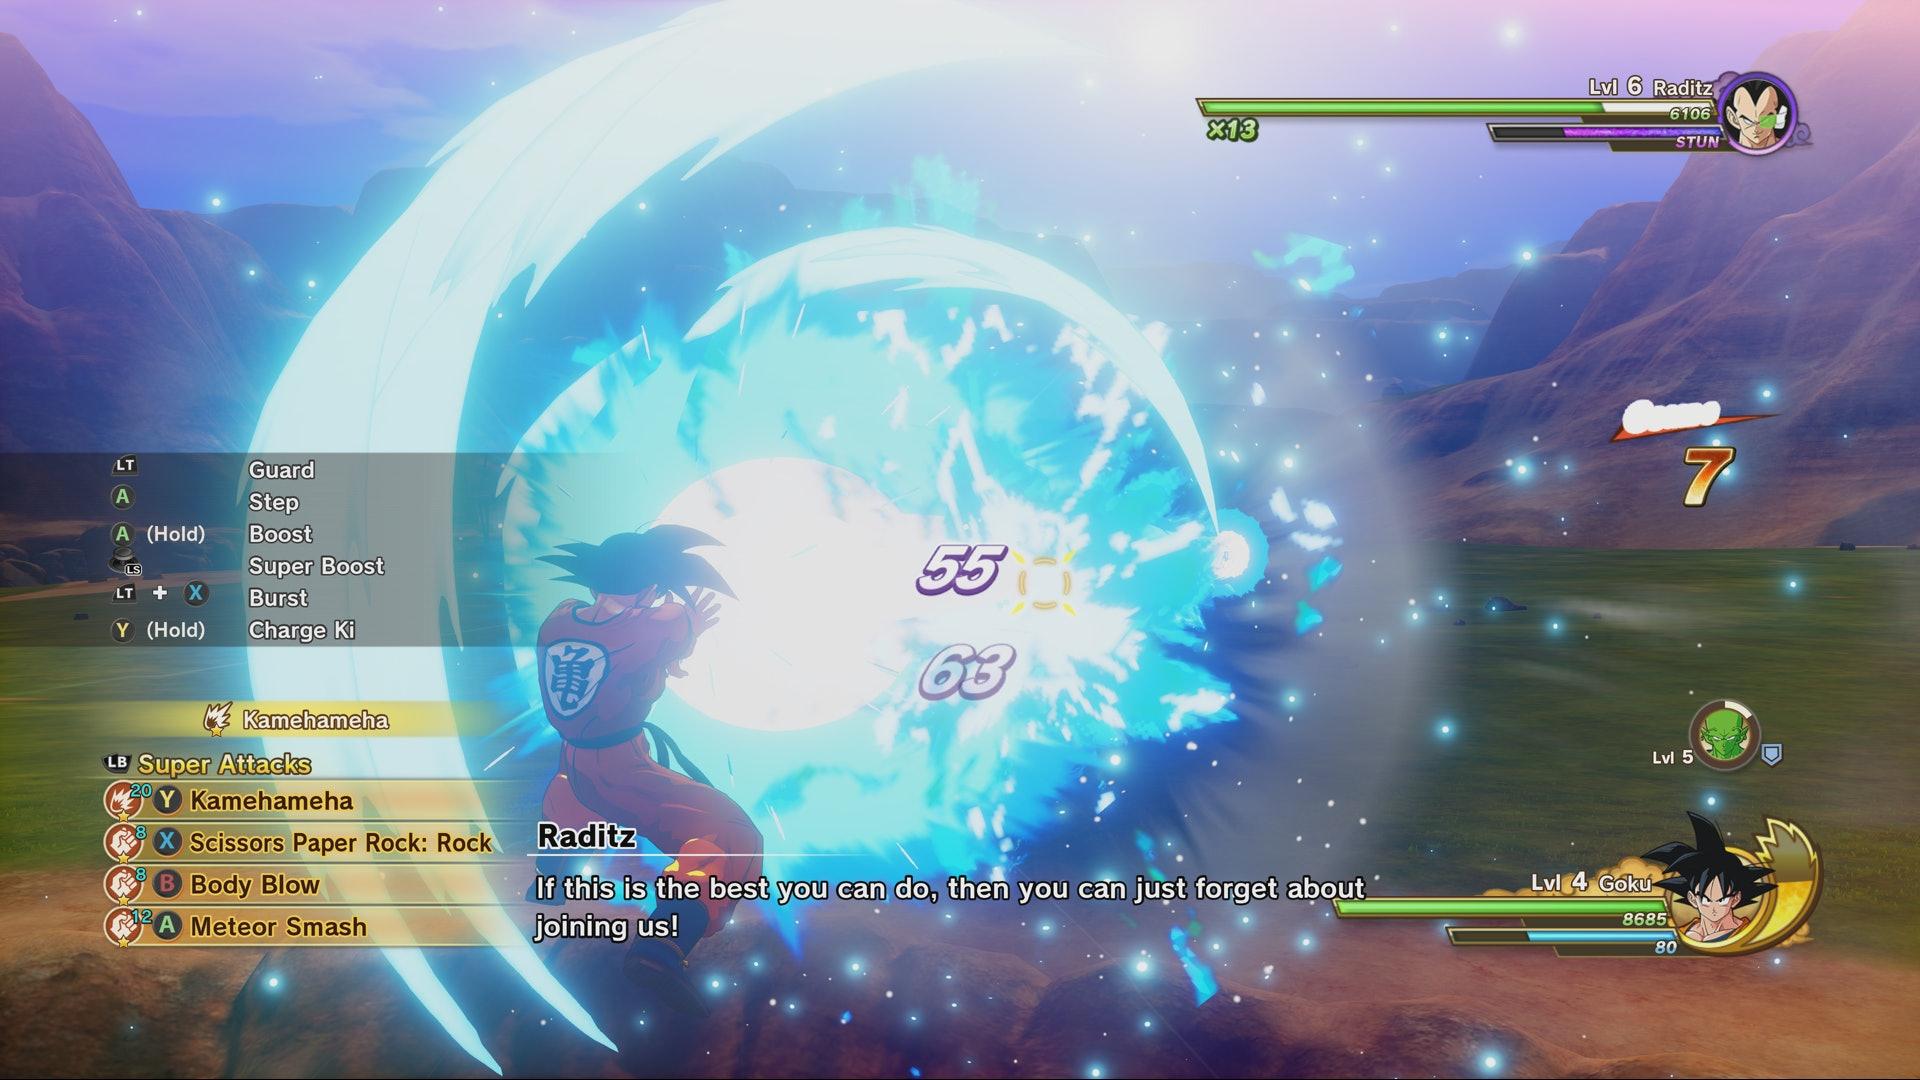 Goku Uses Kamehameha Against Raditz in Dragon Ball Kakarot